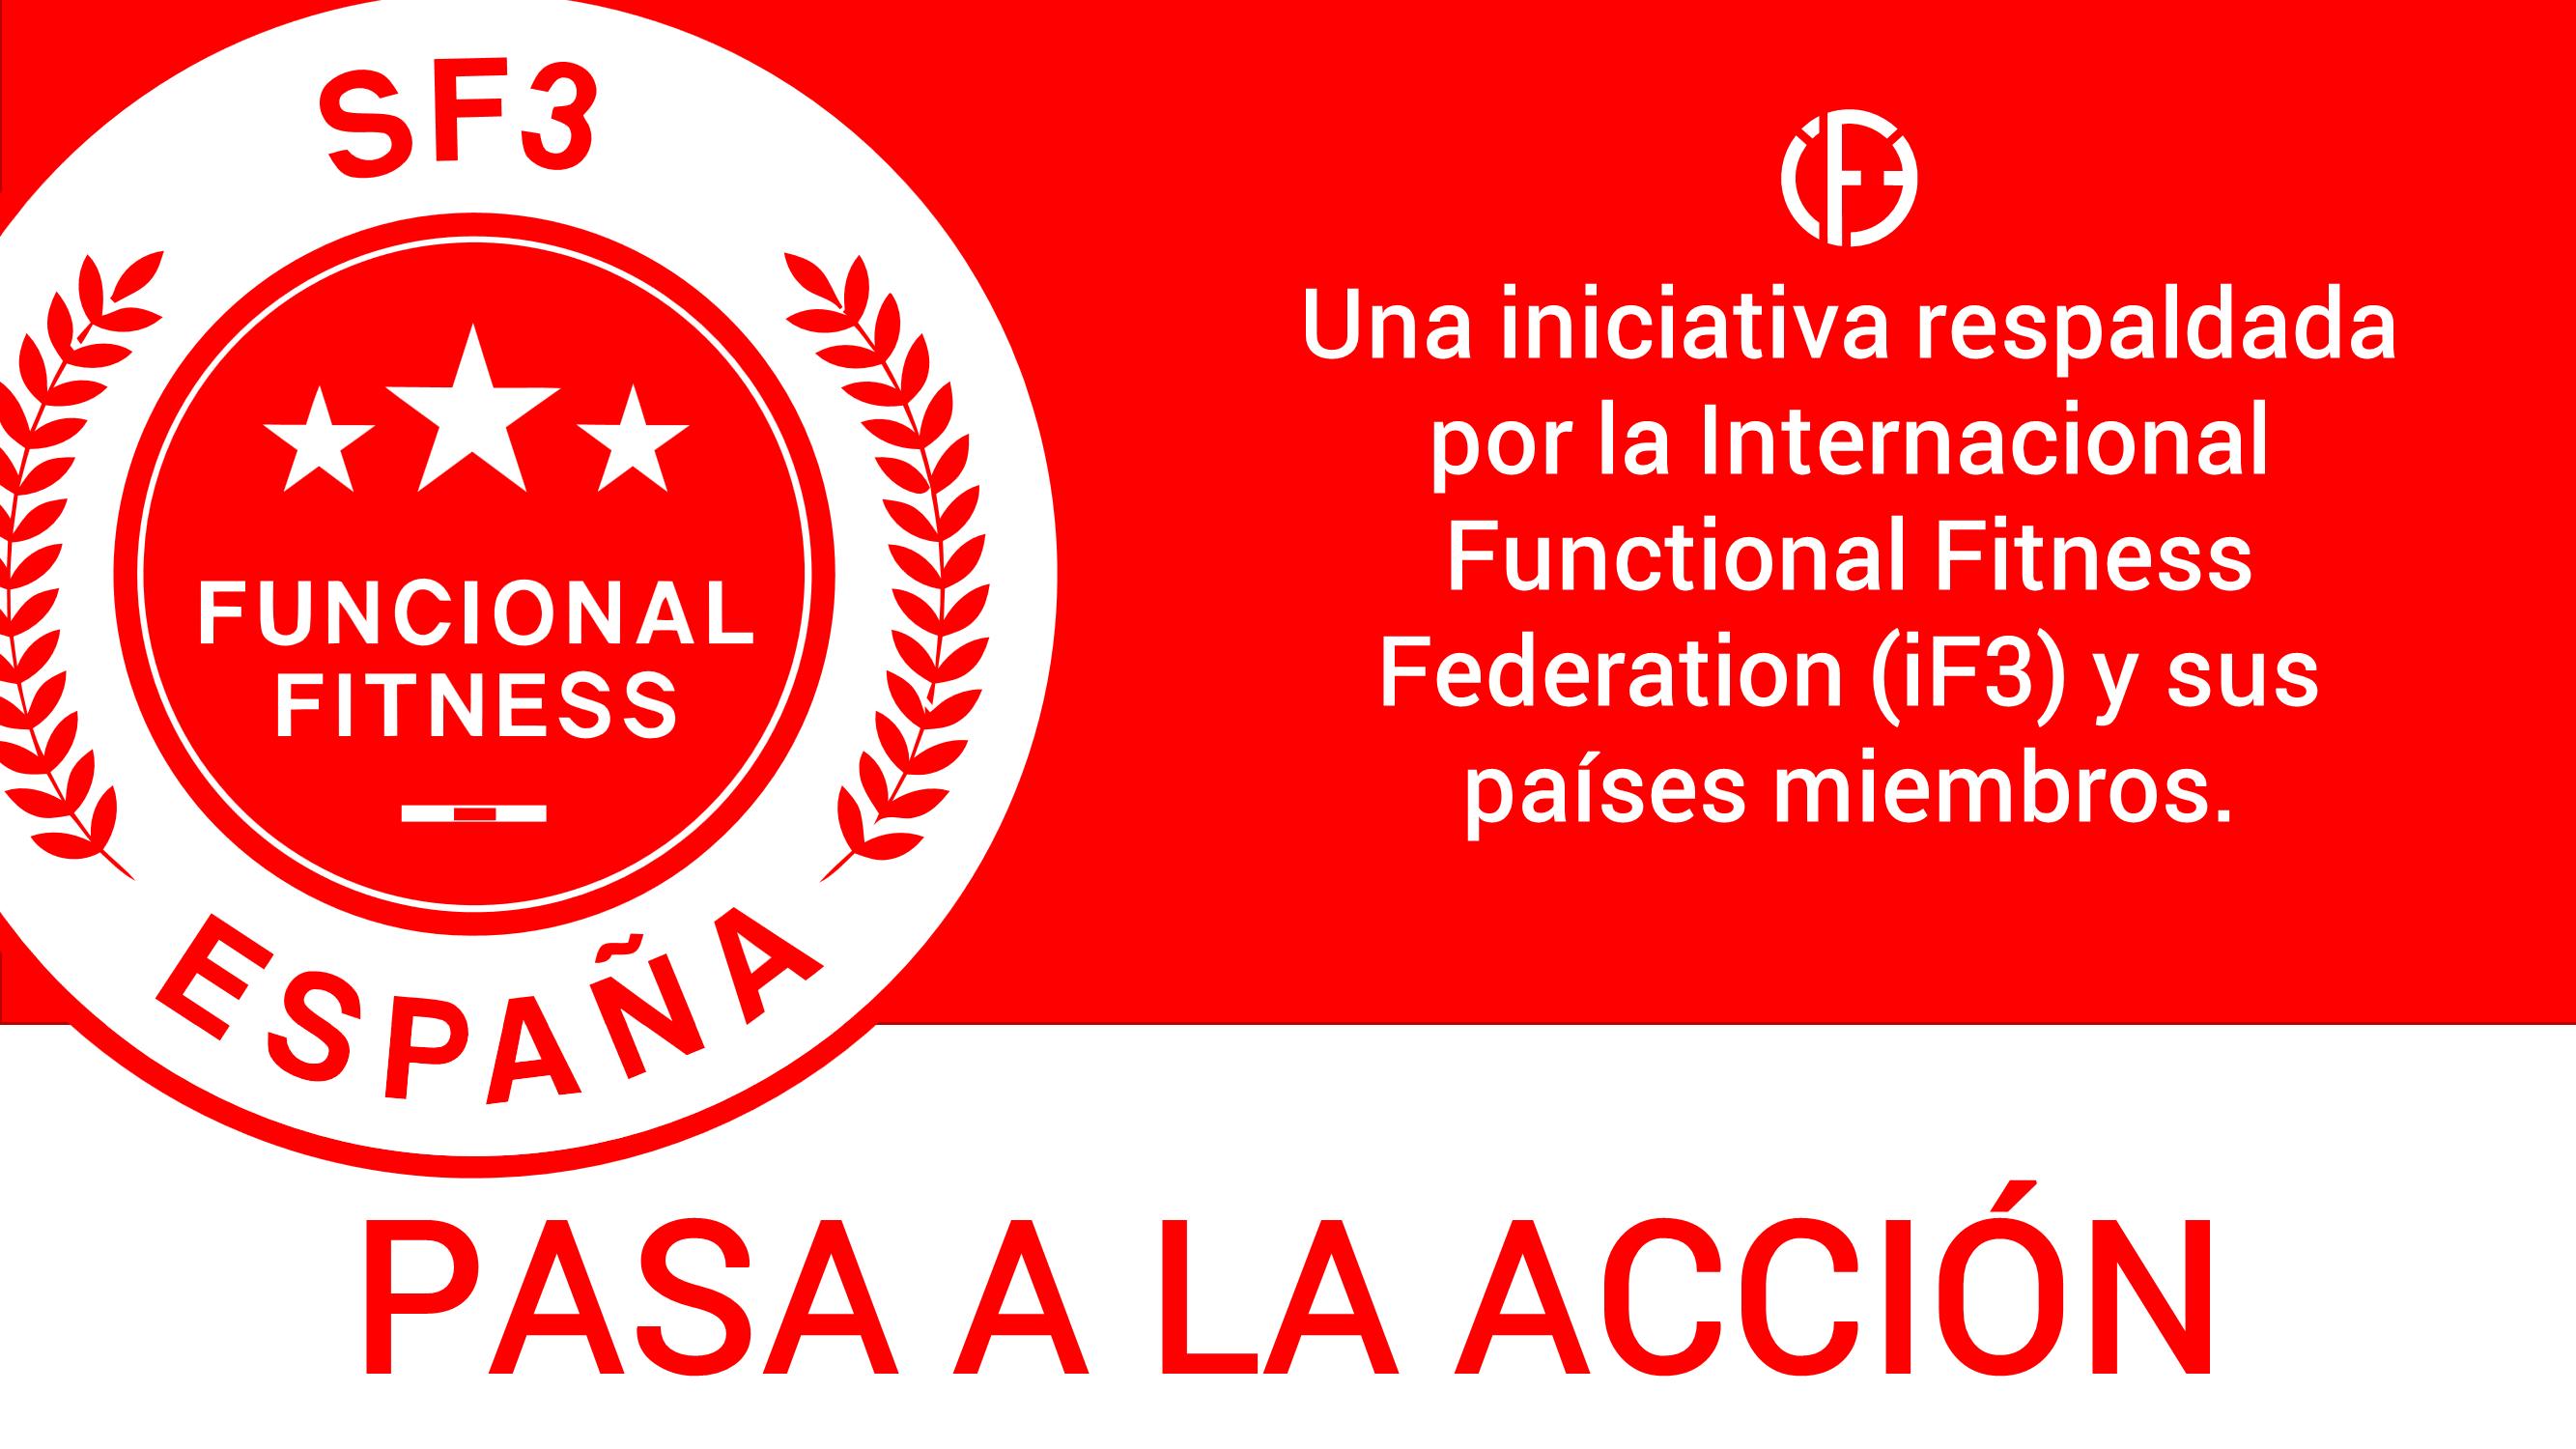 Somos la SF3, Entidad Española del Functional Fitness